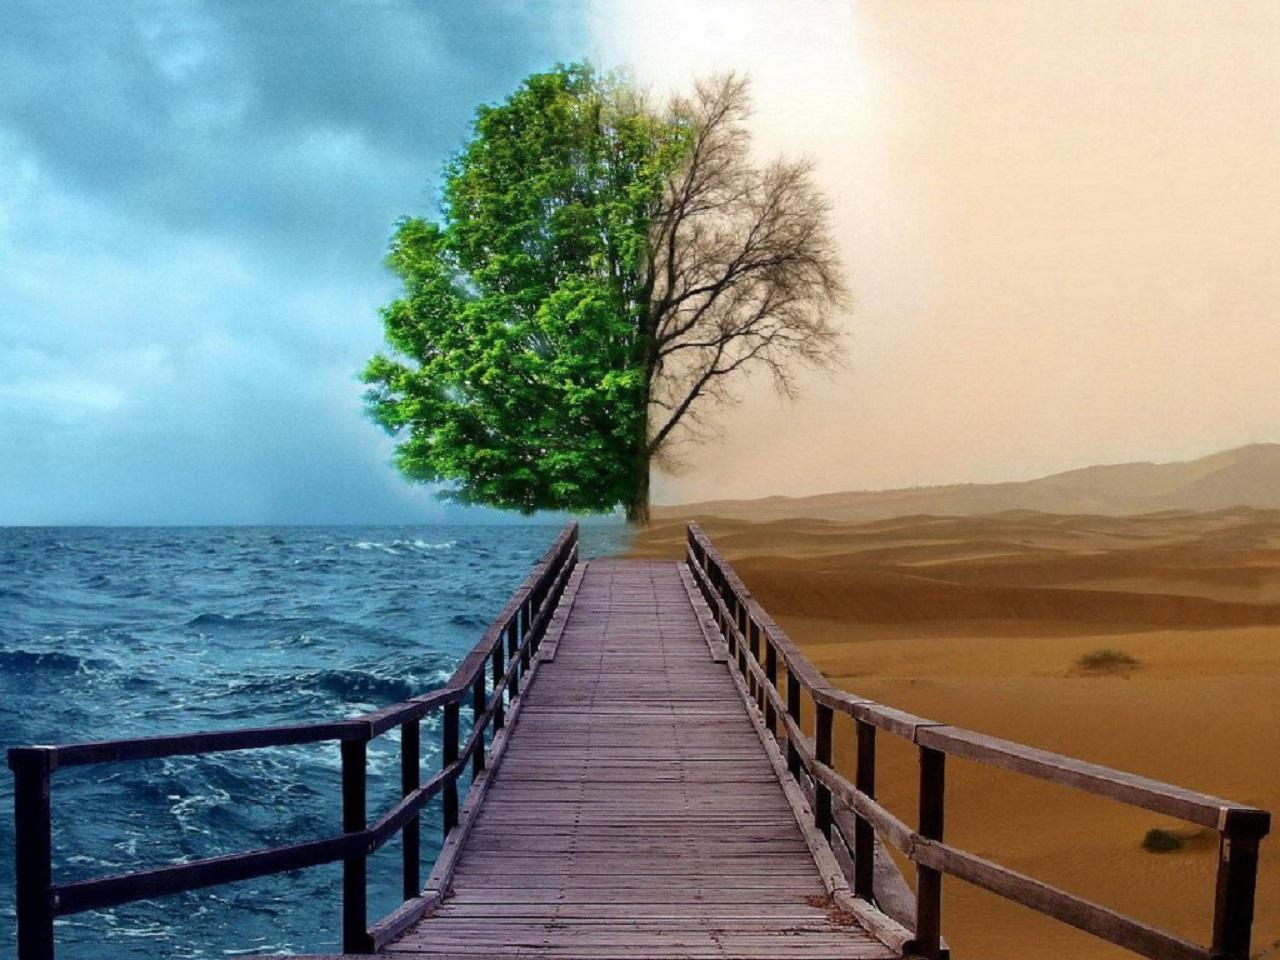 Αποτέλεσμα εικόνας για life and death